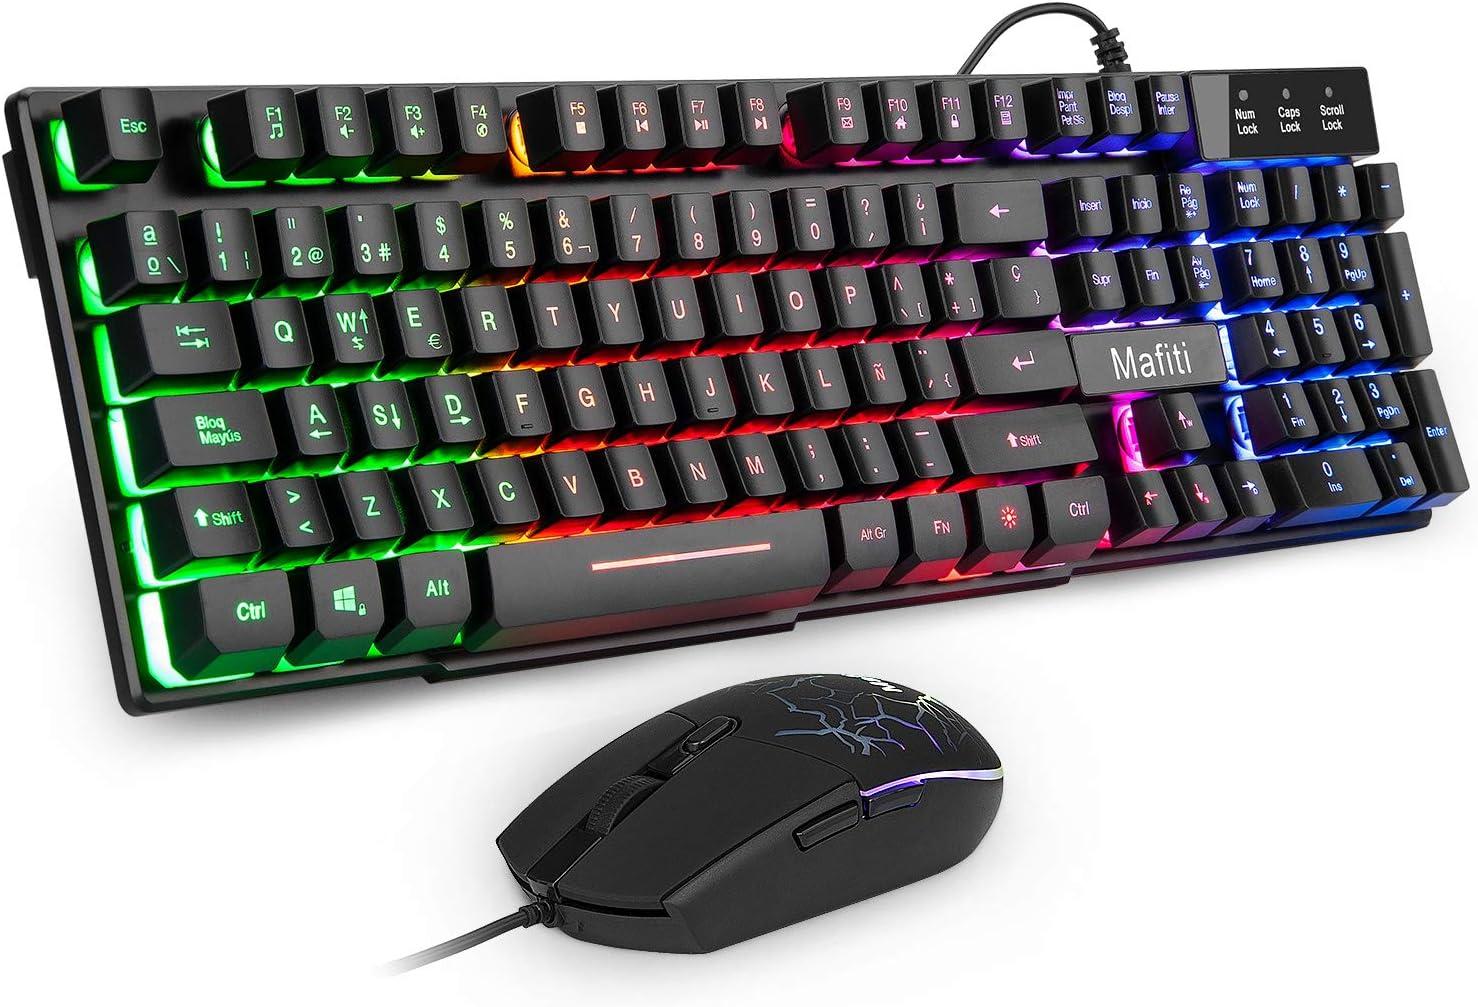 Mafiti RK101 Combo Ratón y Teclado USB ,Retroiluminación Rainbow LED y sensación de teclado mecánico , ideal para jugar y trabajar.: Amazon.es: Electrónica